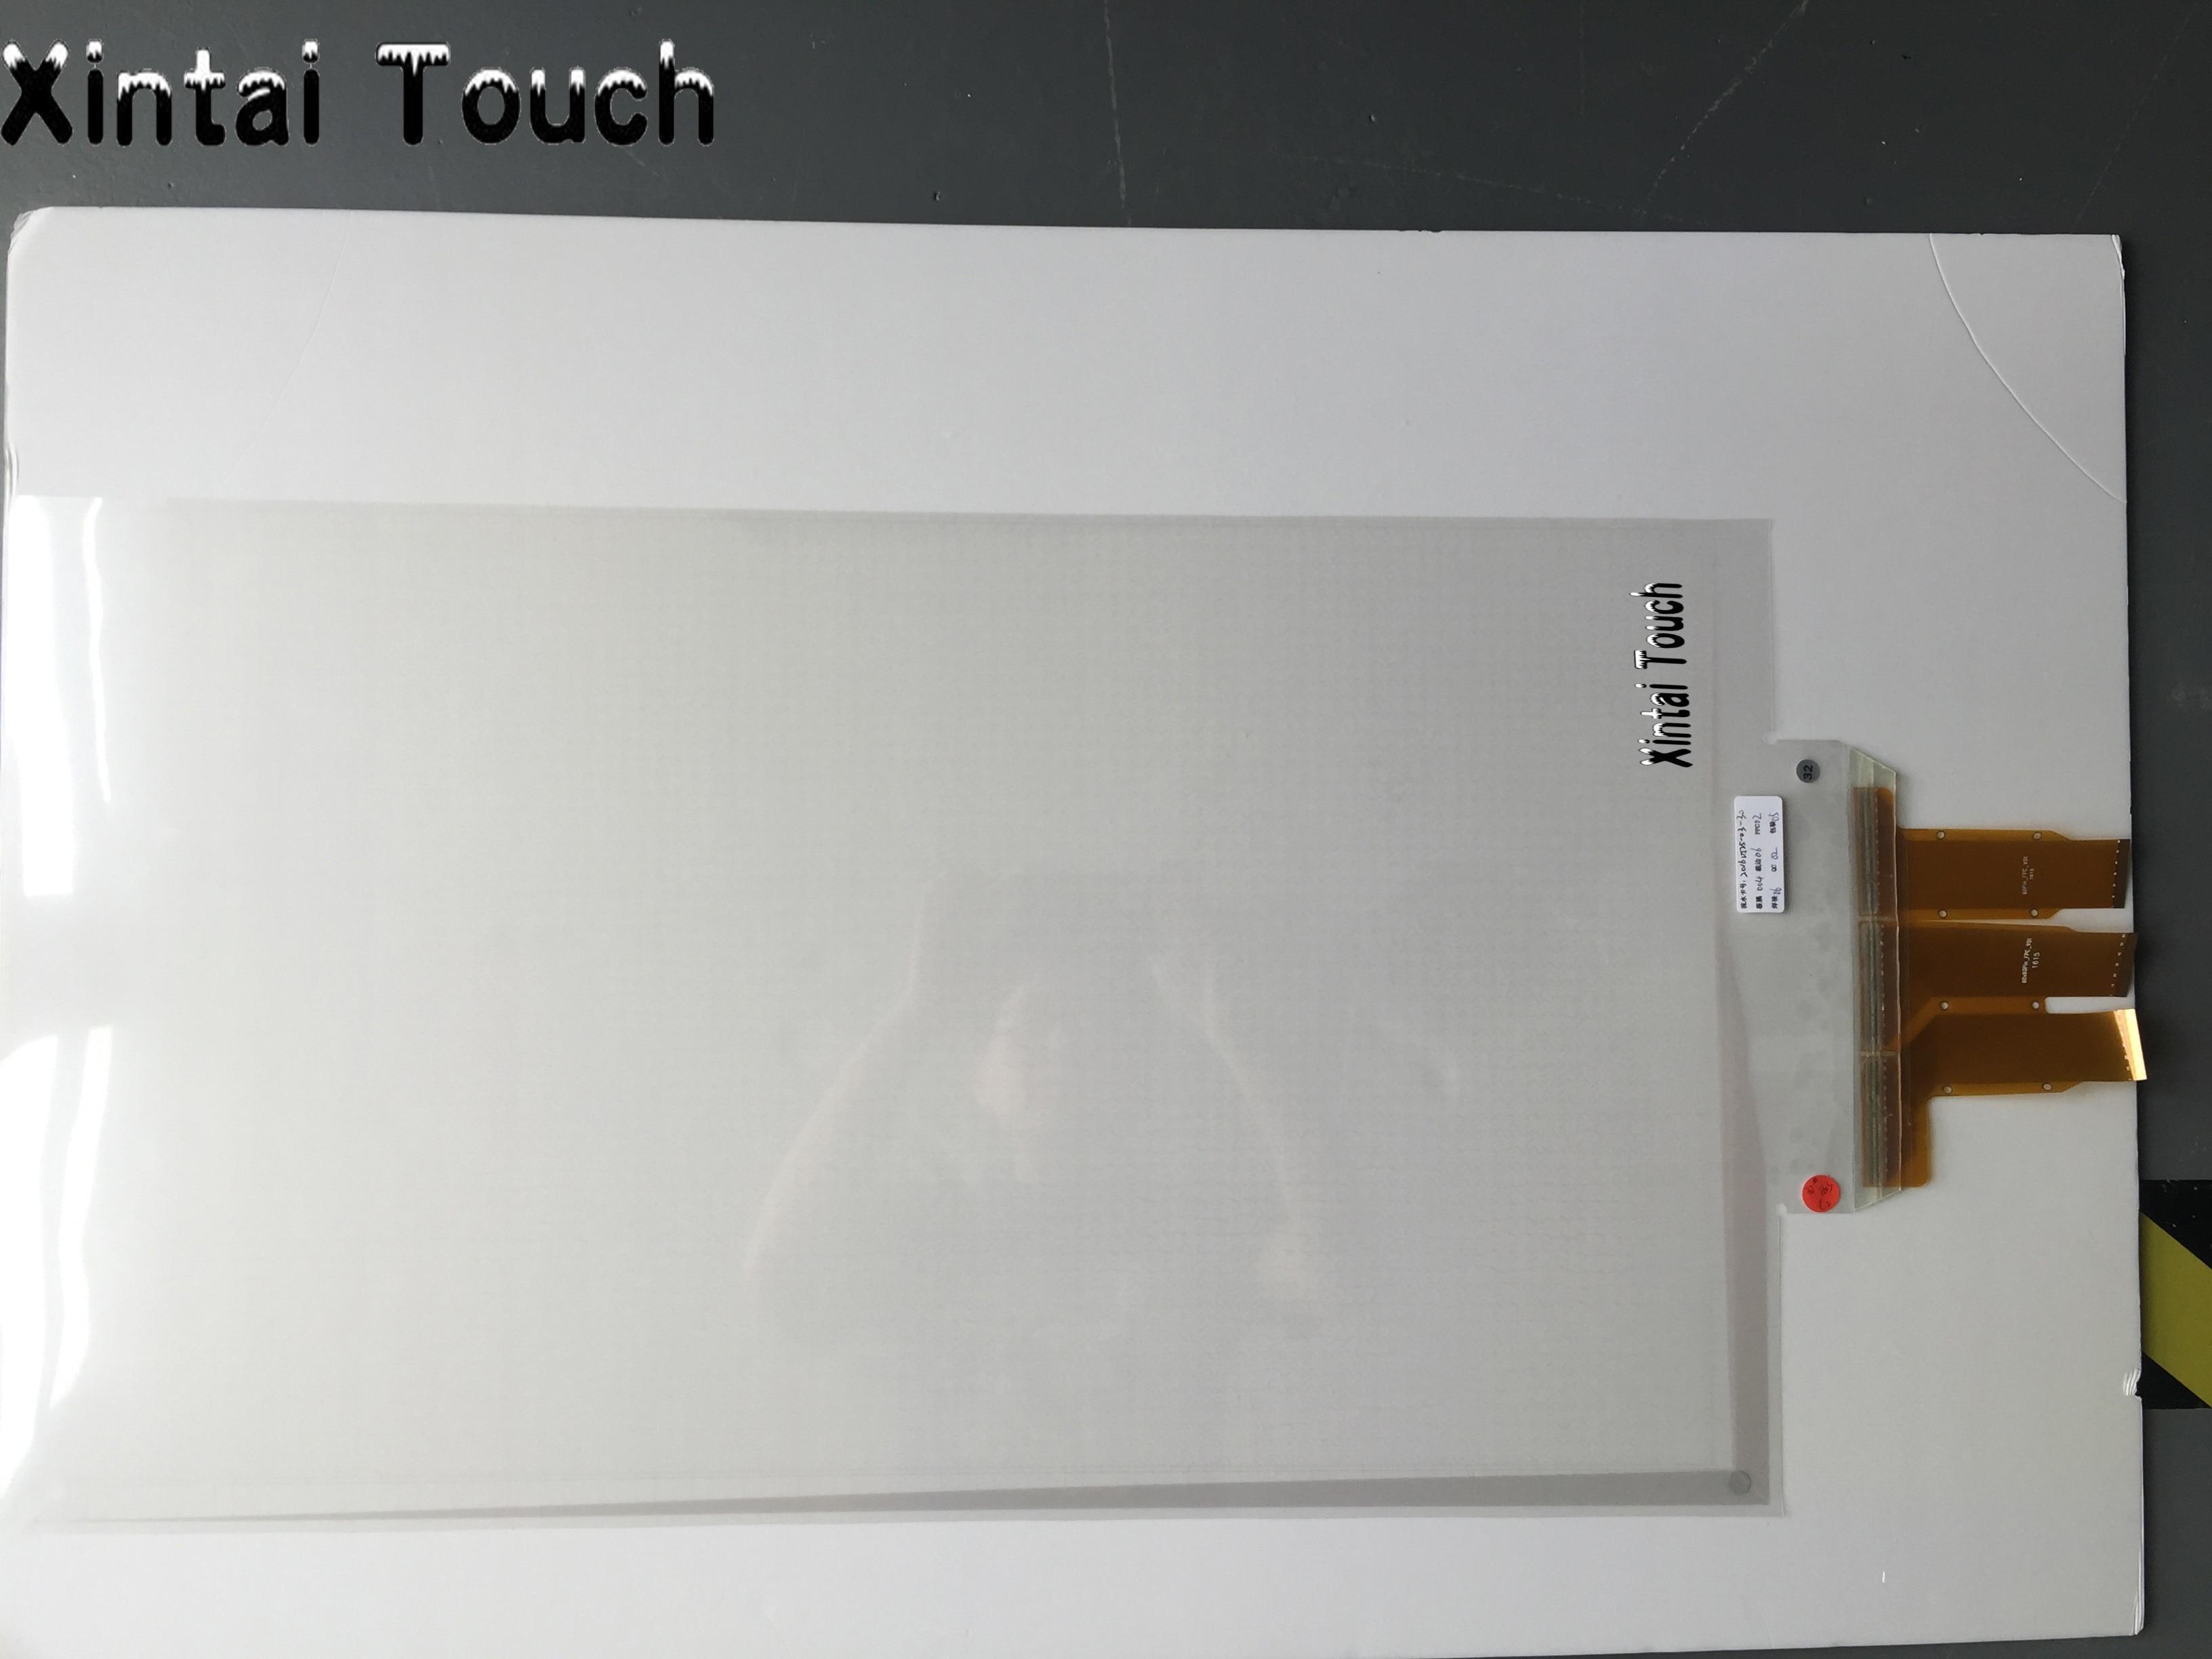 Film interactif Multi de feuille de contact d'usb de 50 pouces 20 points pour le bureau d'entreprise/queue latérale de film de contact